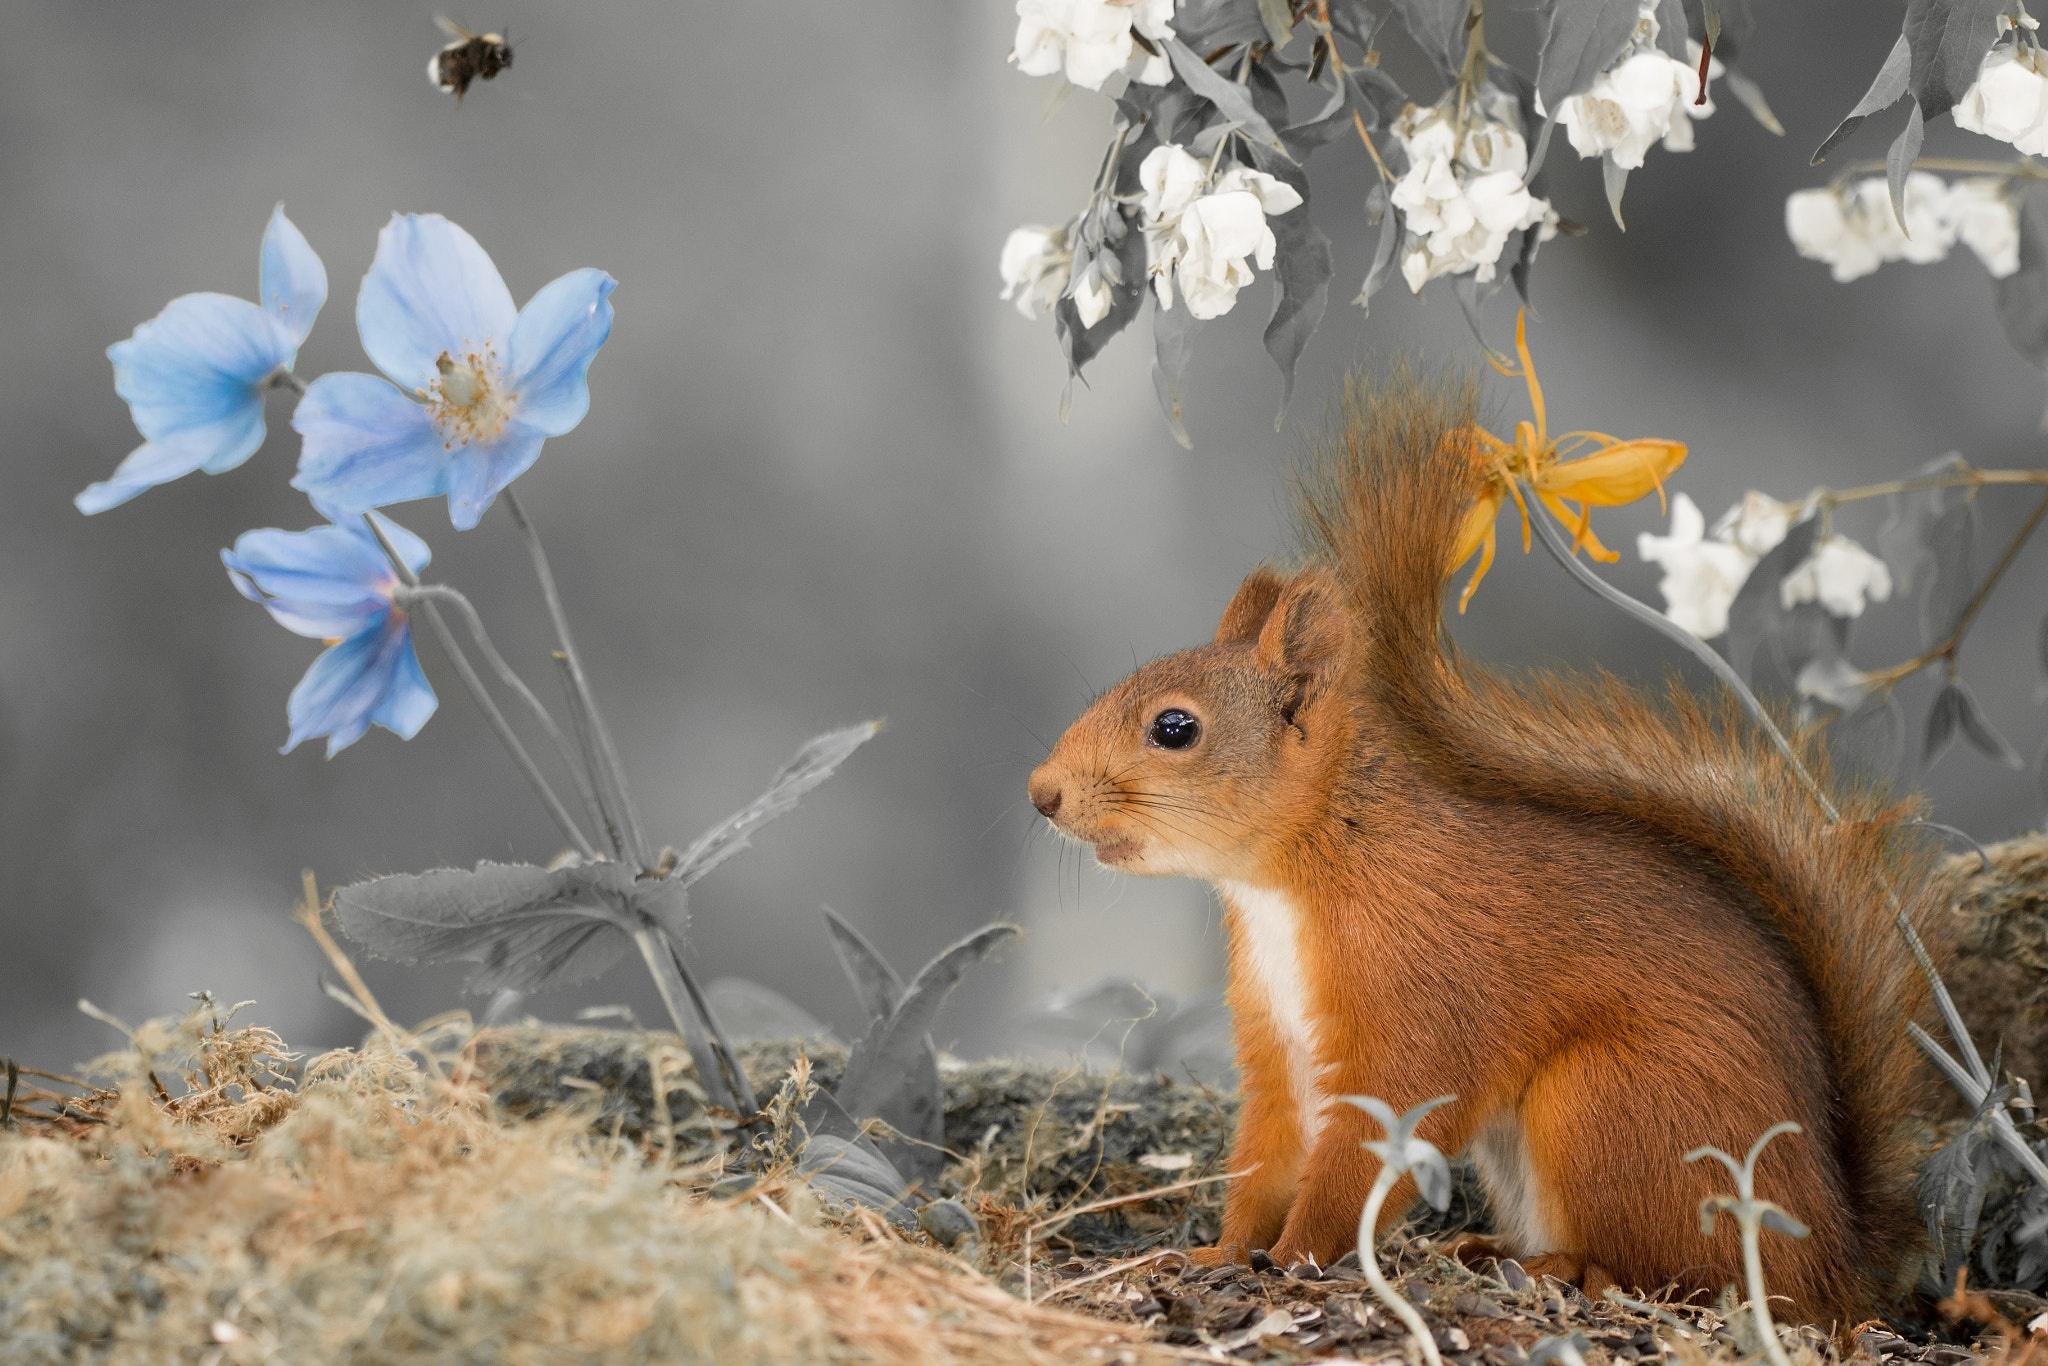 стоит картинки весеннее пробуждение животных дискуссий